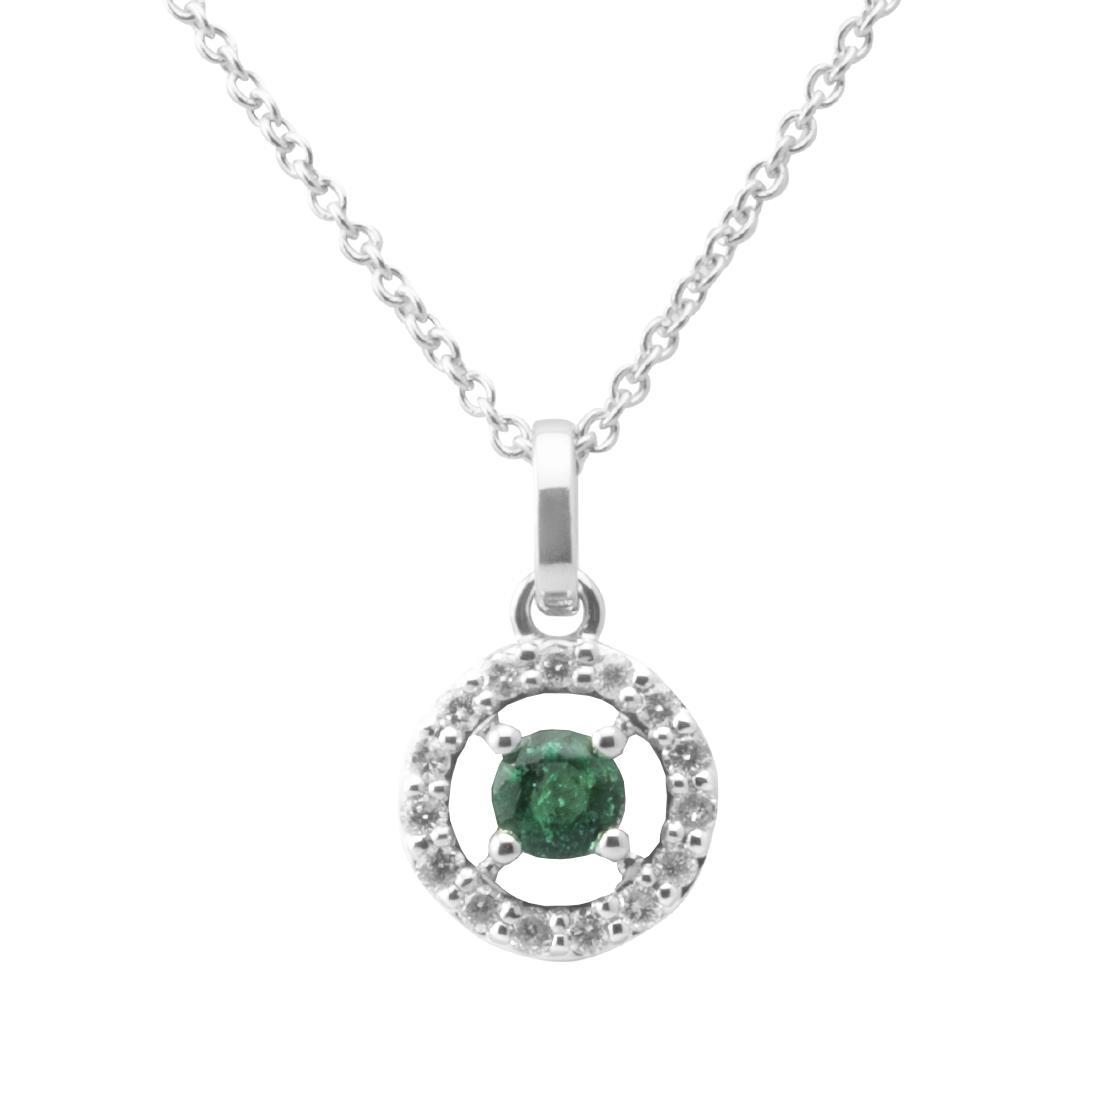 Collana in oro bianco con pendente in diamanti e smeraldo - BLISS